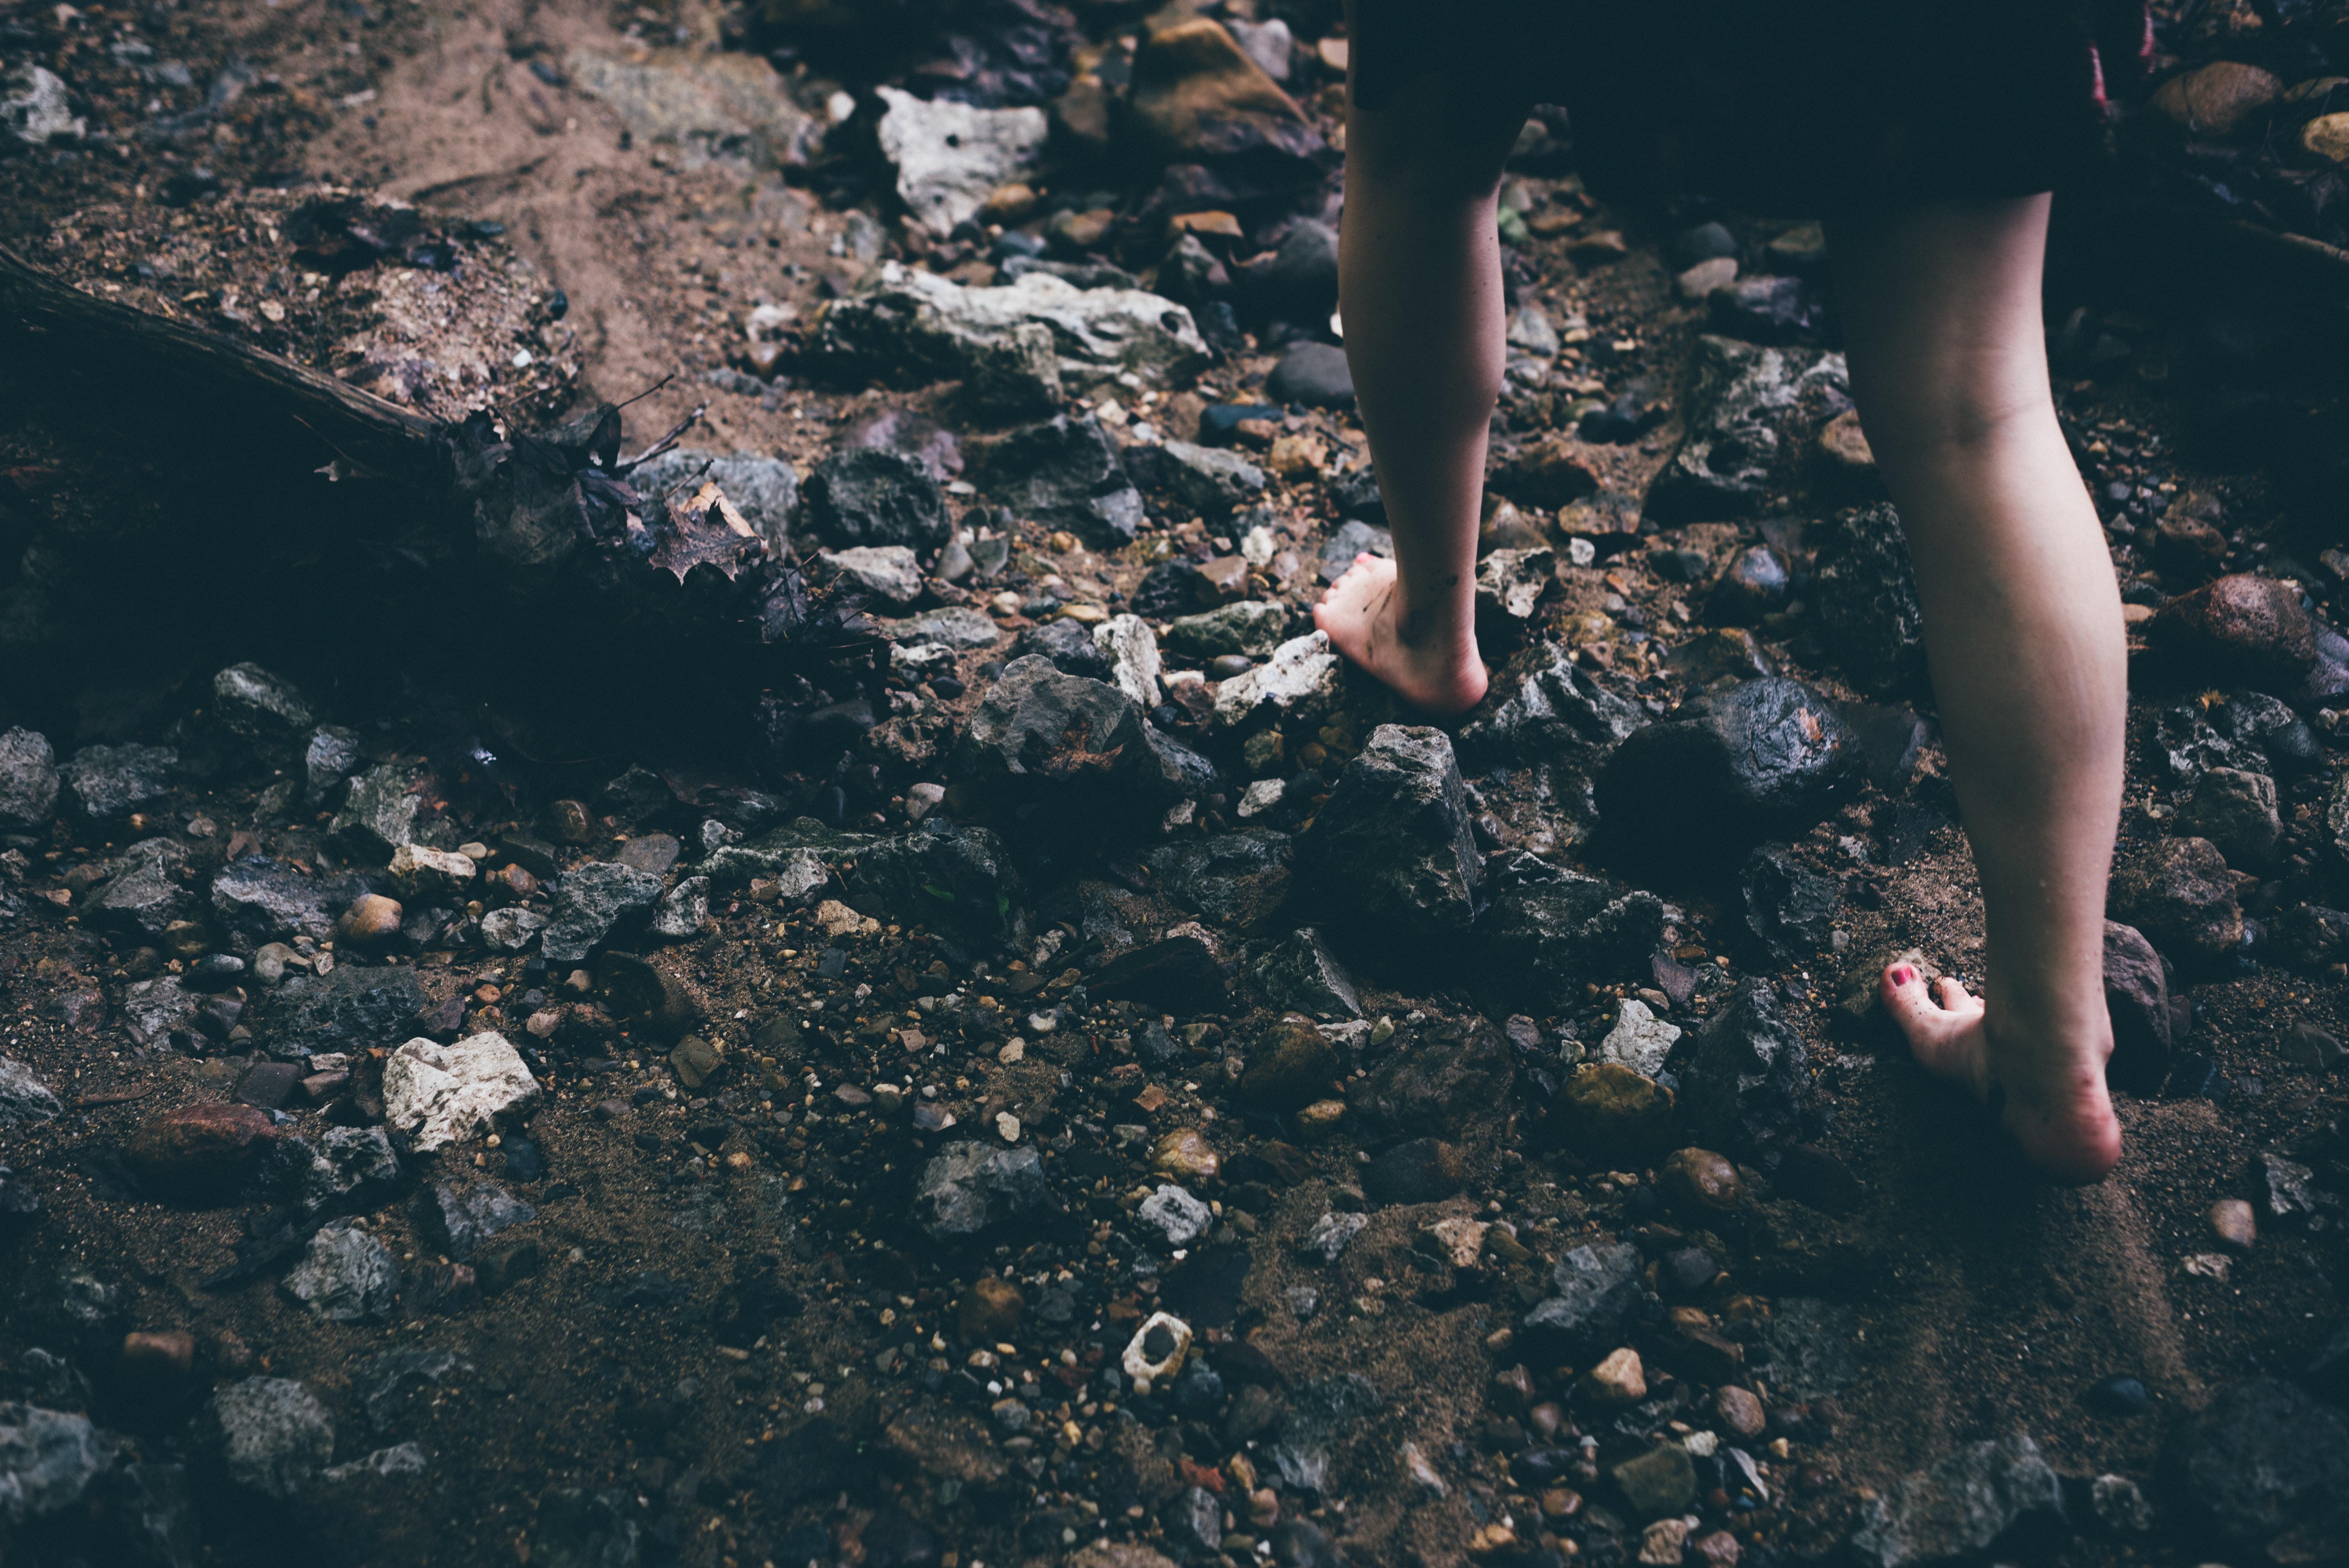 Barfuß, Steine, Natur, laufen, Sommer